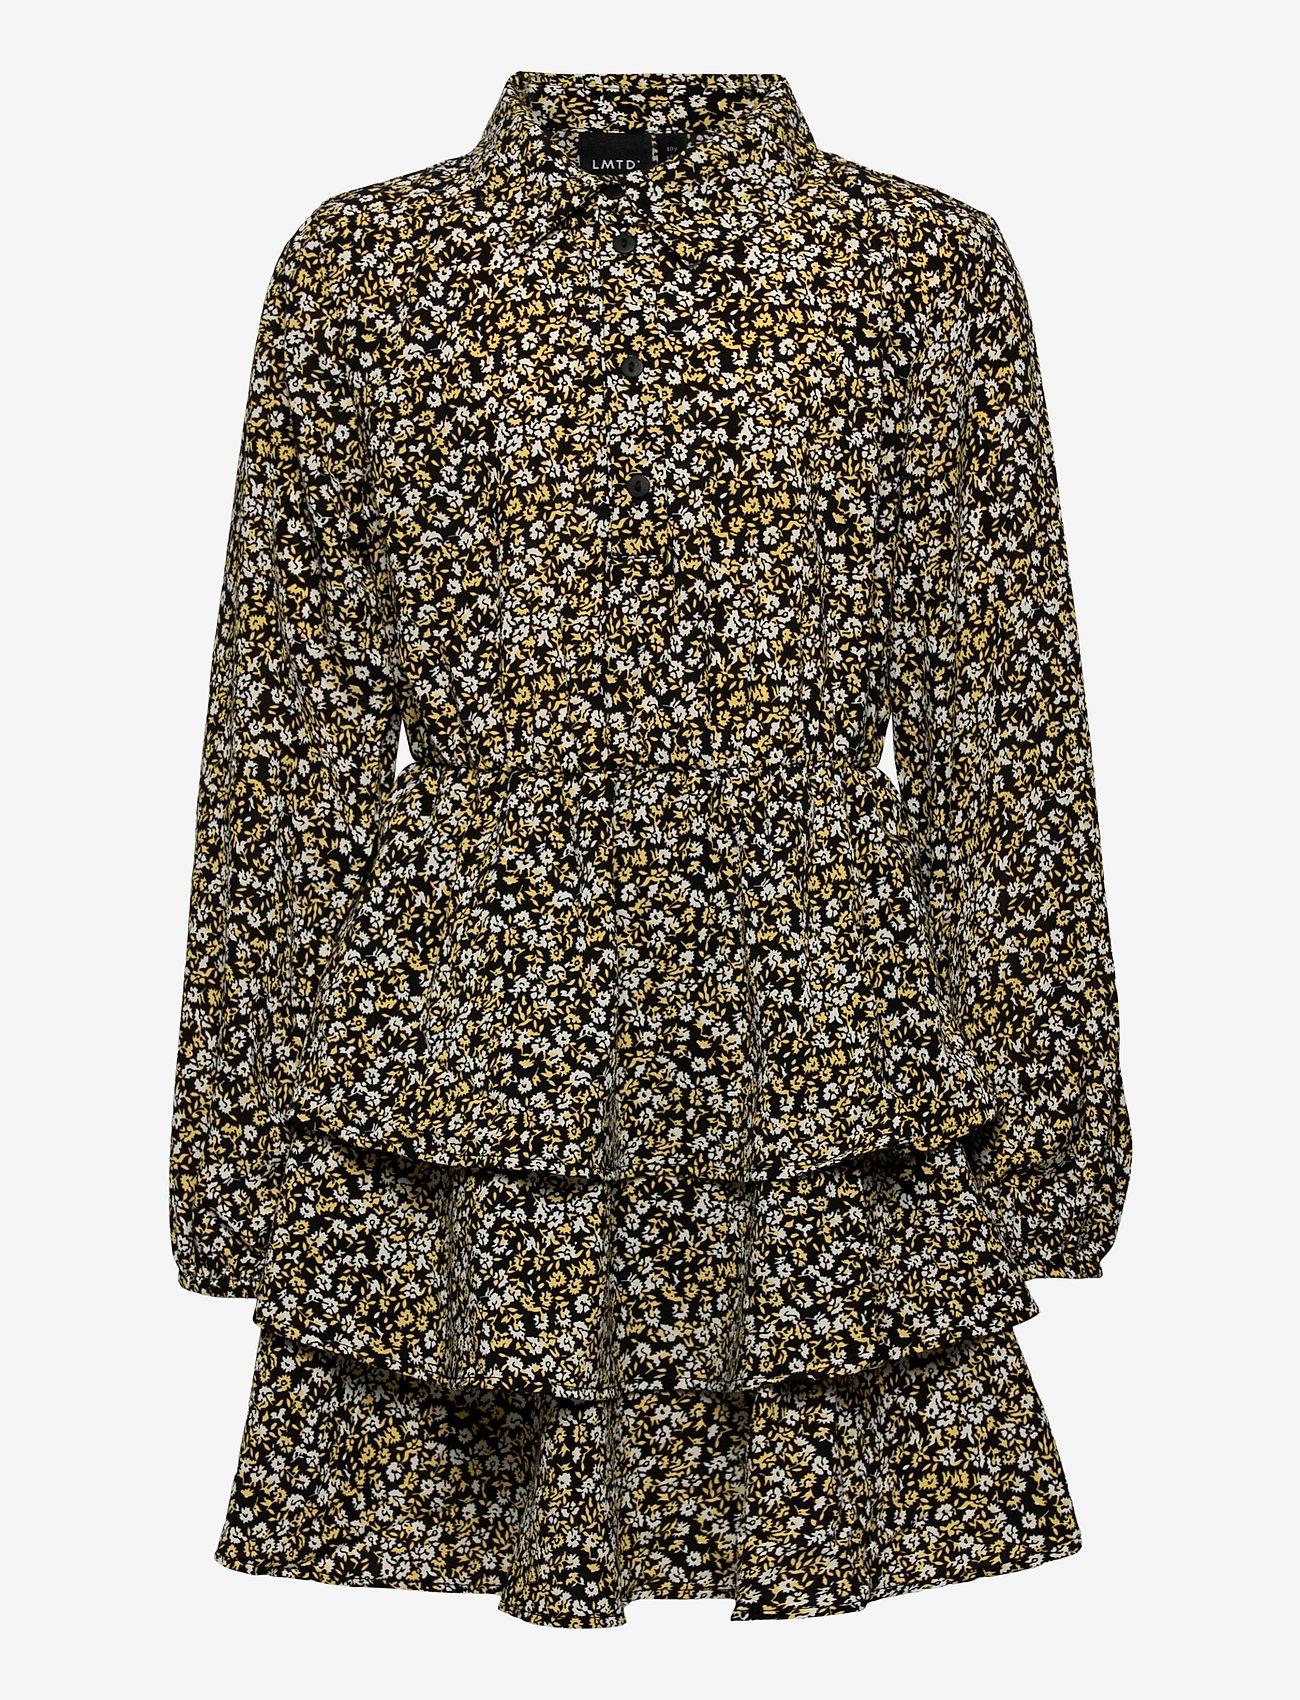 LMTD - NLFLUNA DRESS - robes - black - 0